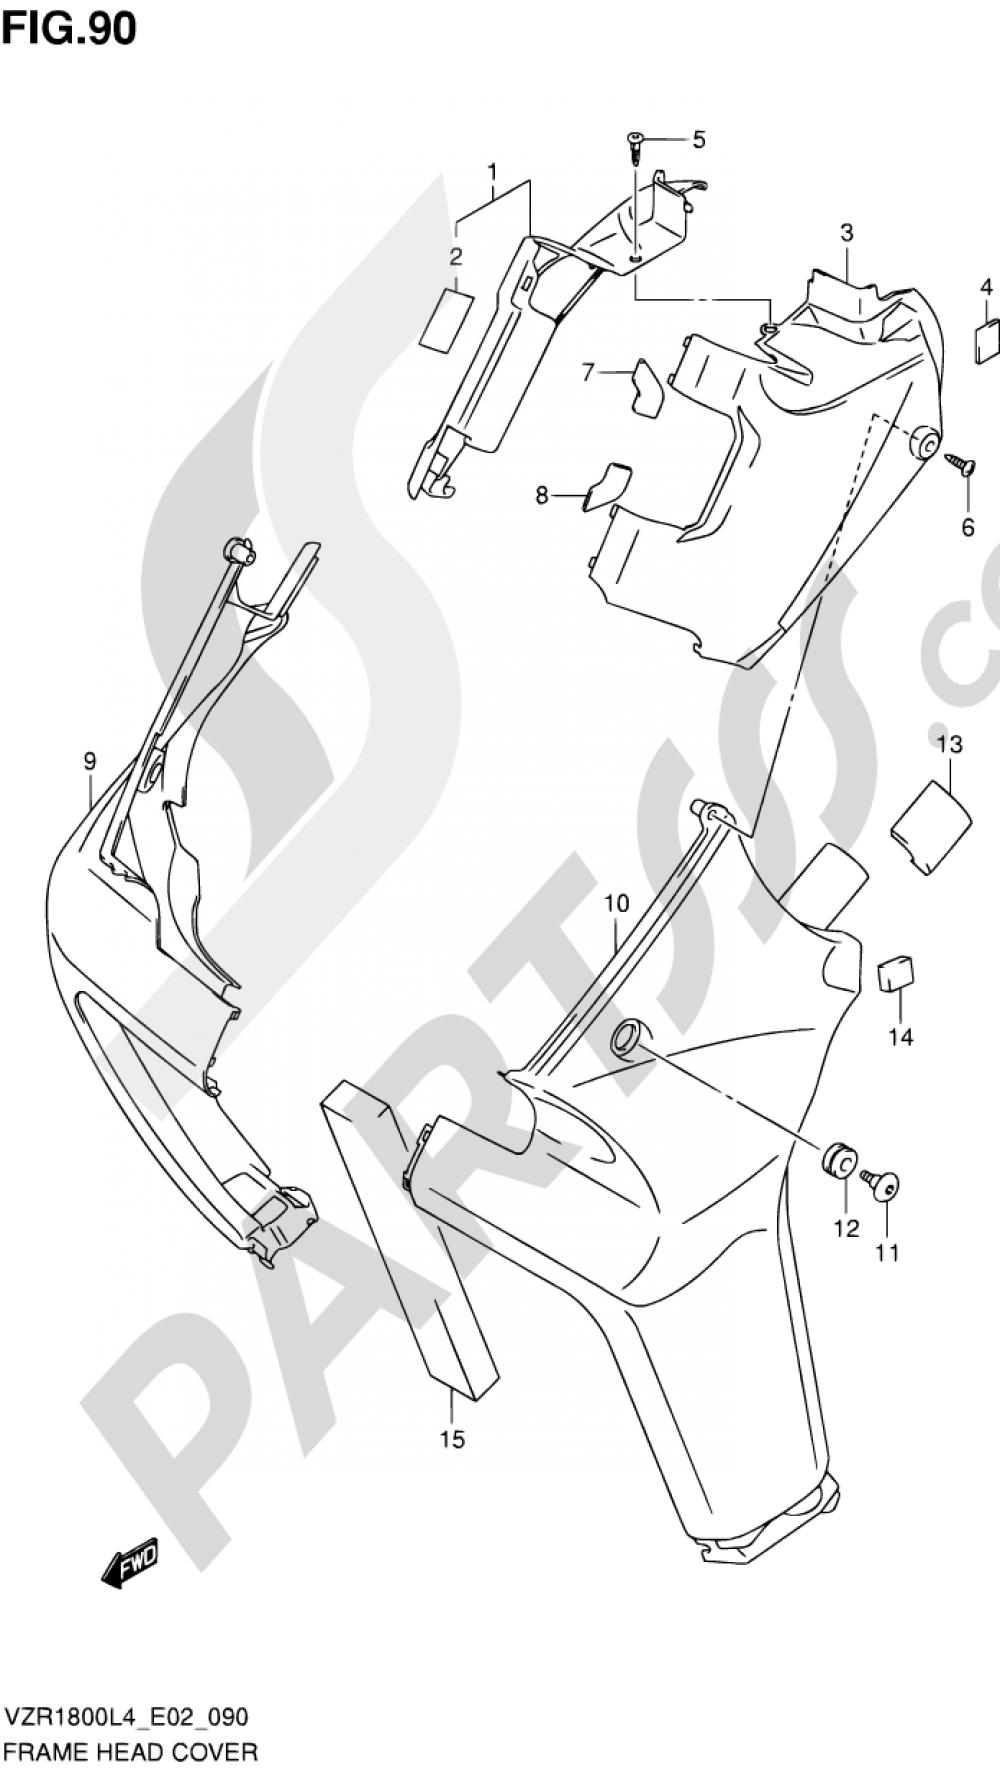 90 - FRAME HEAD COVER (VZR1800ZL4 E19) Suzuki VZR1800 2014